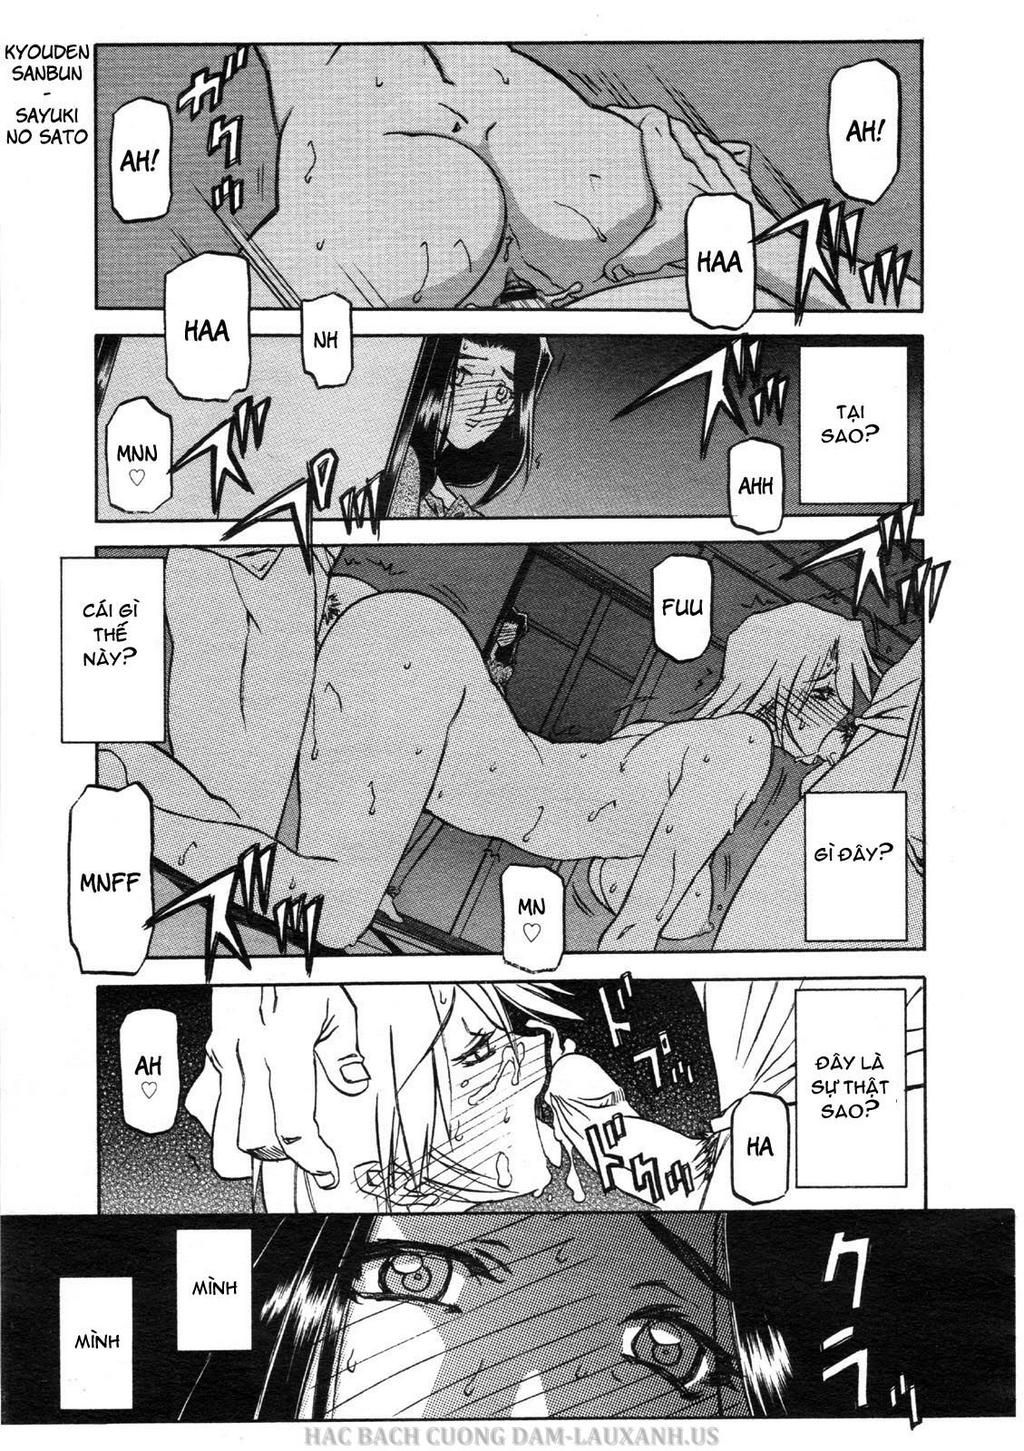 Hình ảnh hentailxers.blogspot.com0018 trong bài viết Manga H Sayuki no Sato